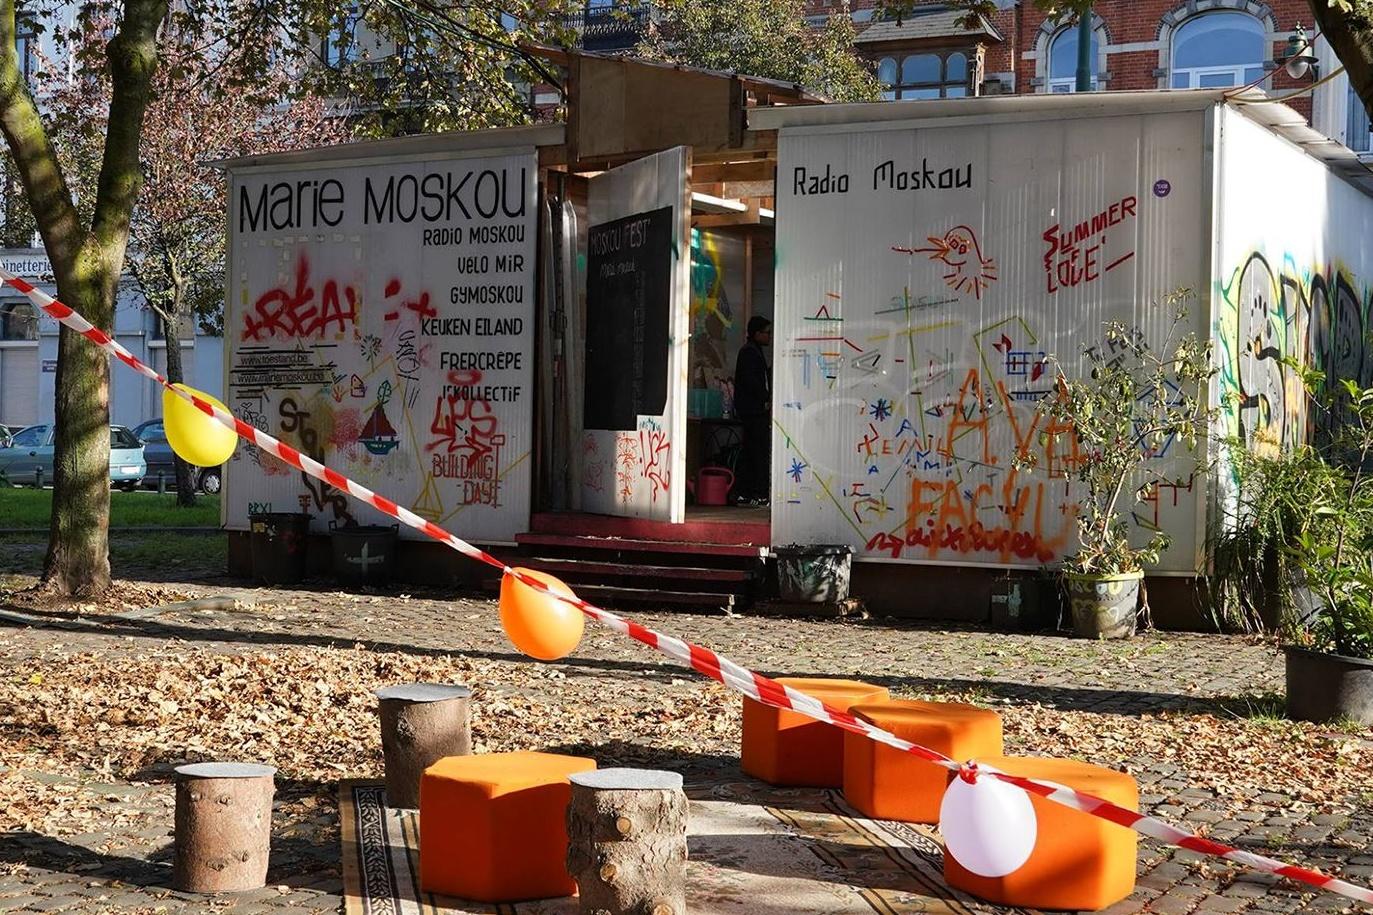 La Cabane Marie Moskou à St Gilles, DR